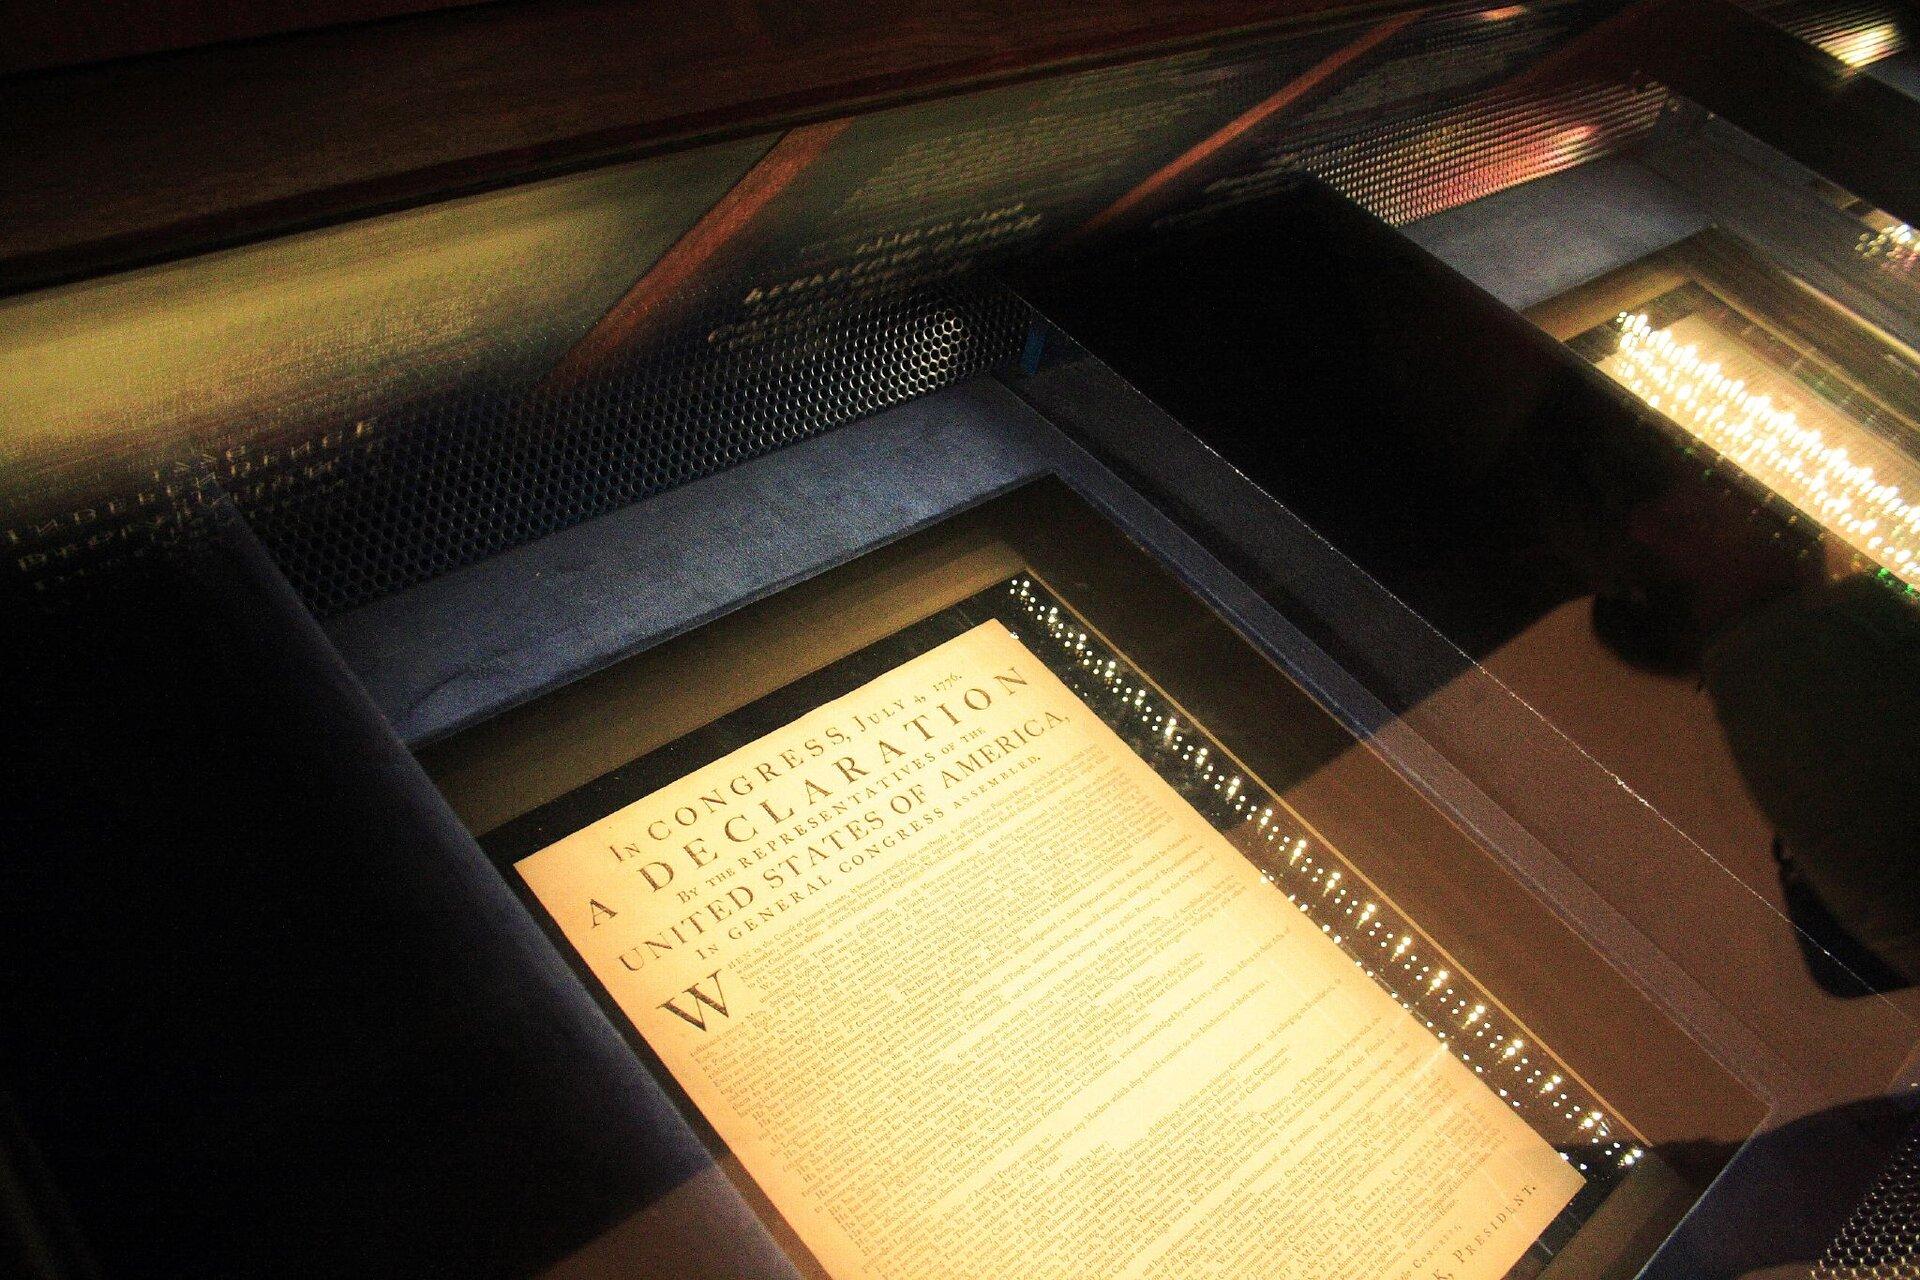 Ilustracja przedstawia zdjęcie Deklaracji Niepodległości Stanów Zjednoczonych przechowywanej wszczelnie zamkniętej oszklonej gablocie. Dokument jest oświetlony otaczającymi go paskami diod LED wcelu umożliwienia jego łatwego odczytania przez kilka warstw szkła.